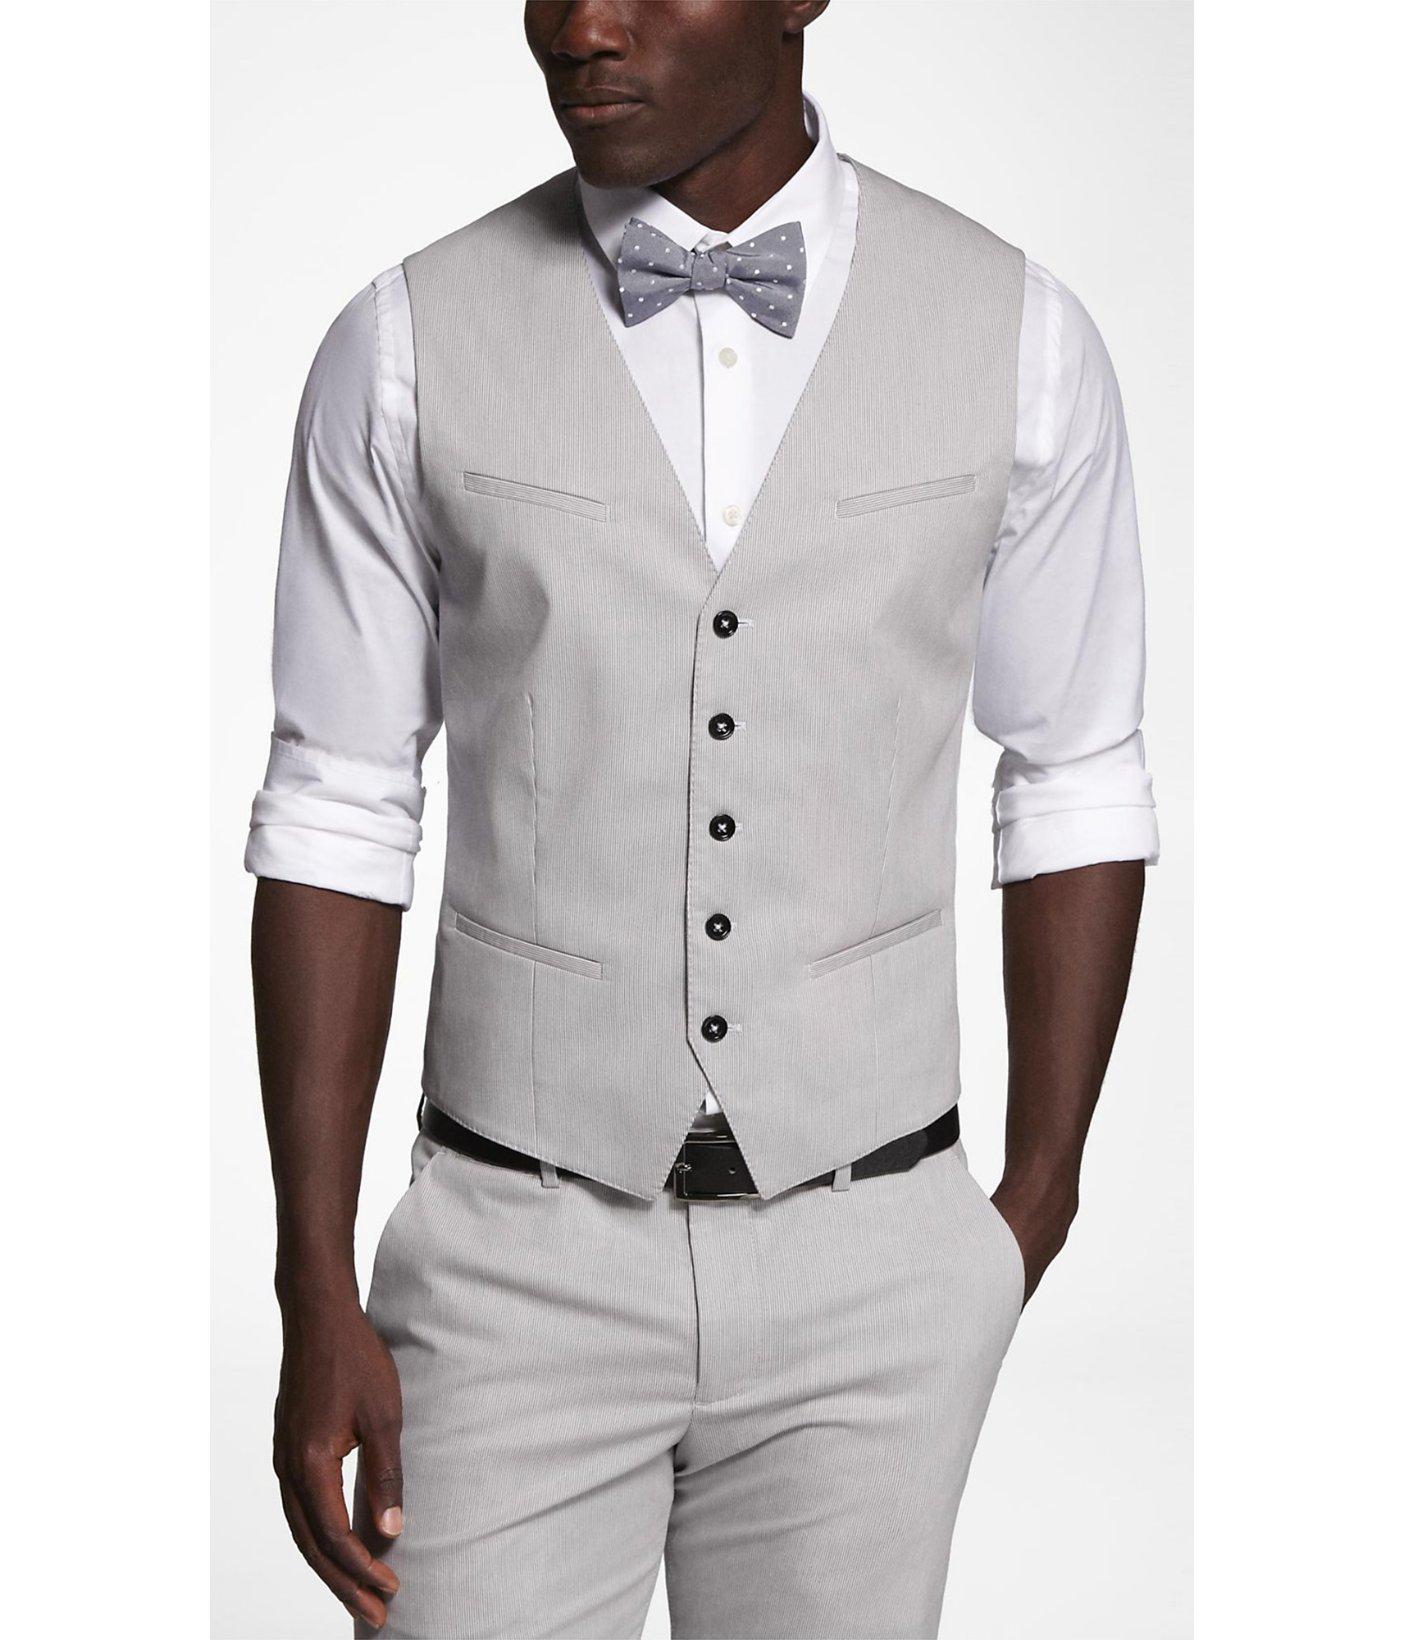 Men's Gray Pinstripe Stretch Cotton Suit Vest